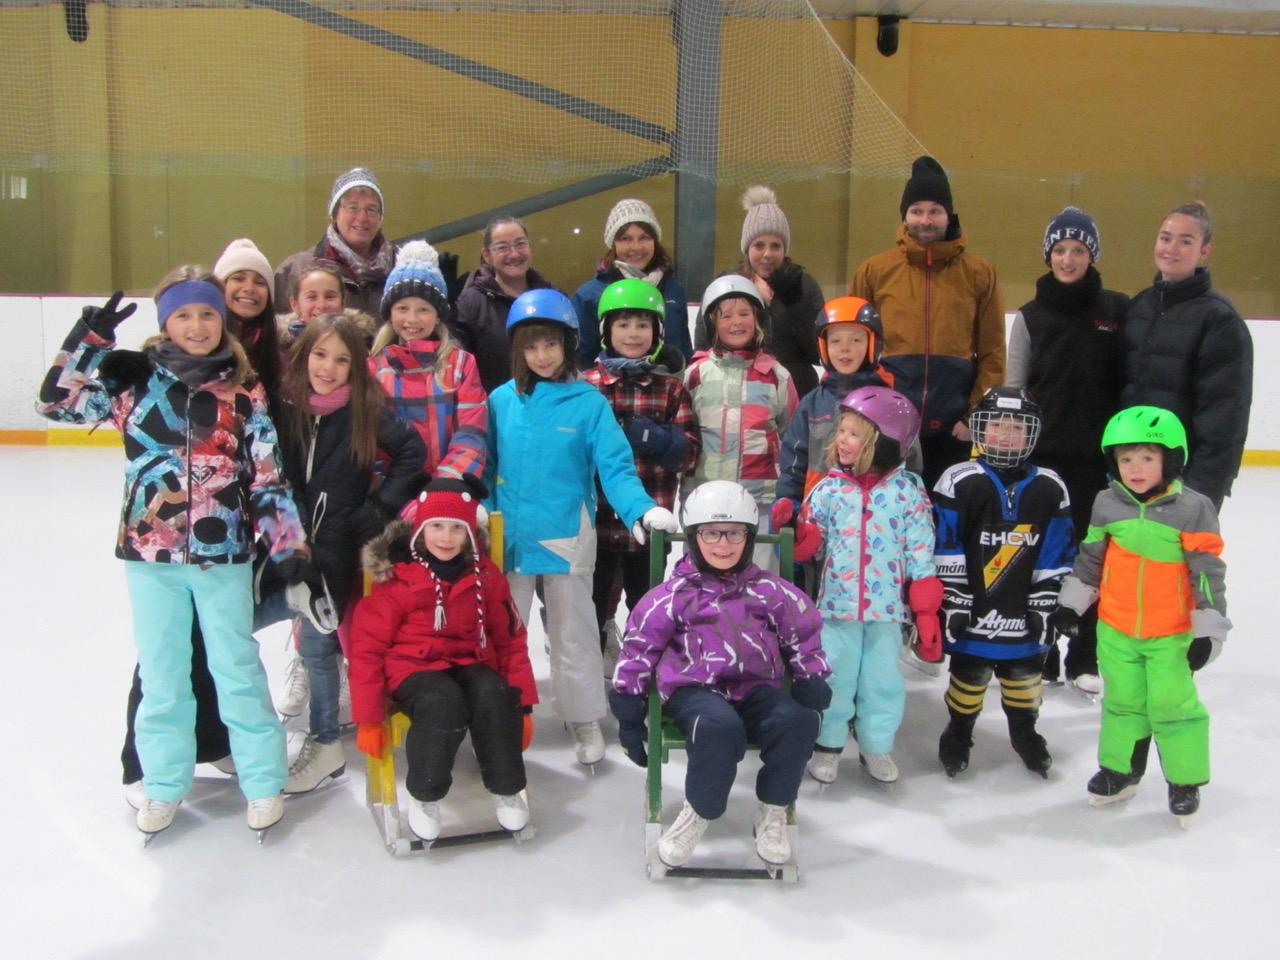 Eislaufevent Elternverein